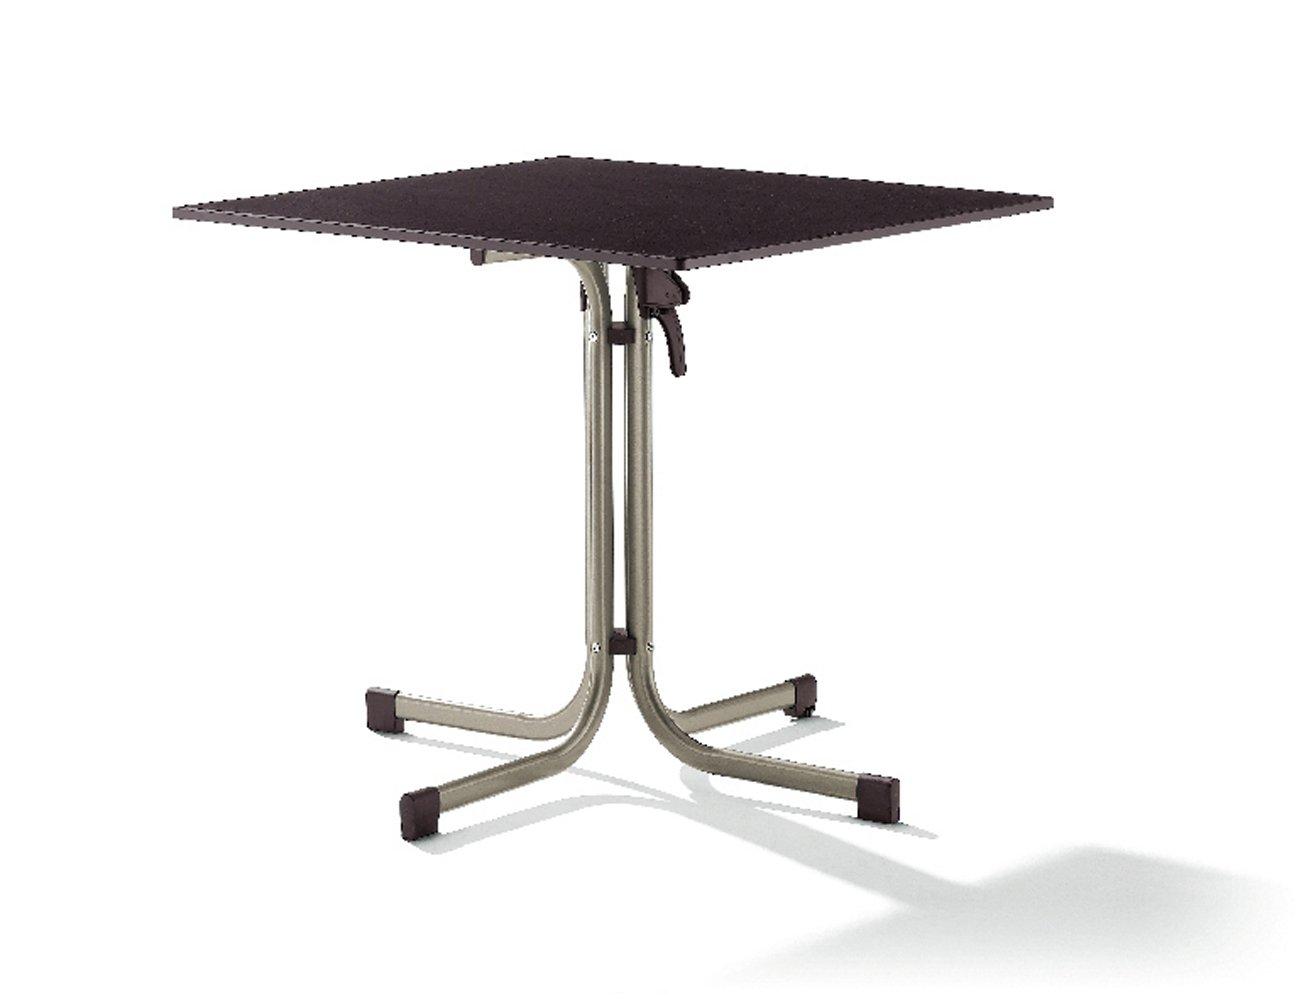 SIEGER 1330-50 Gastro Tavolo con pianale in Puroplan e struttura in acciaio, colore: Grafite/Antracite